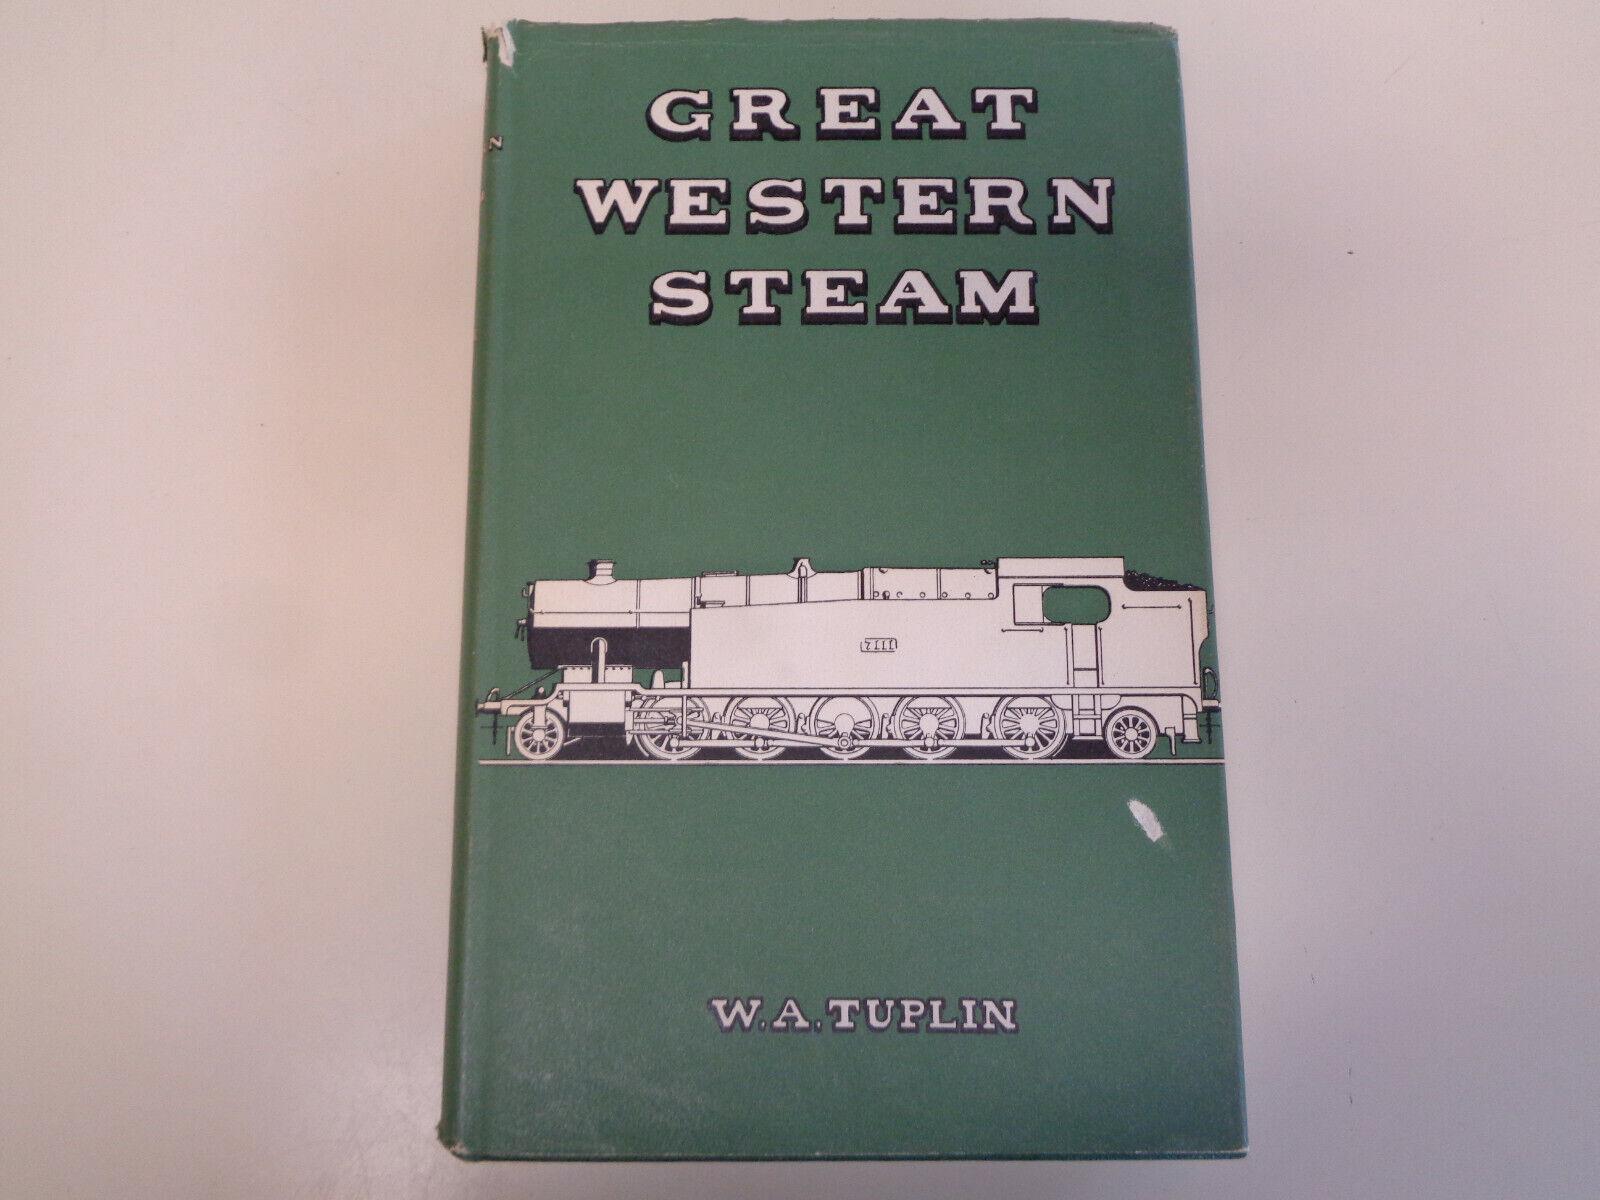 Great Western Steam HBDJ 1967 Locomotives British Railways Railroad